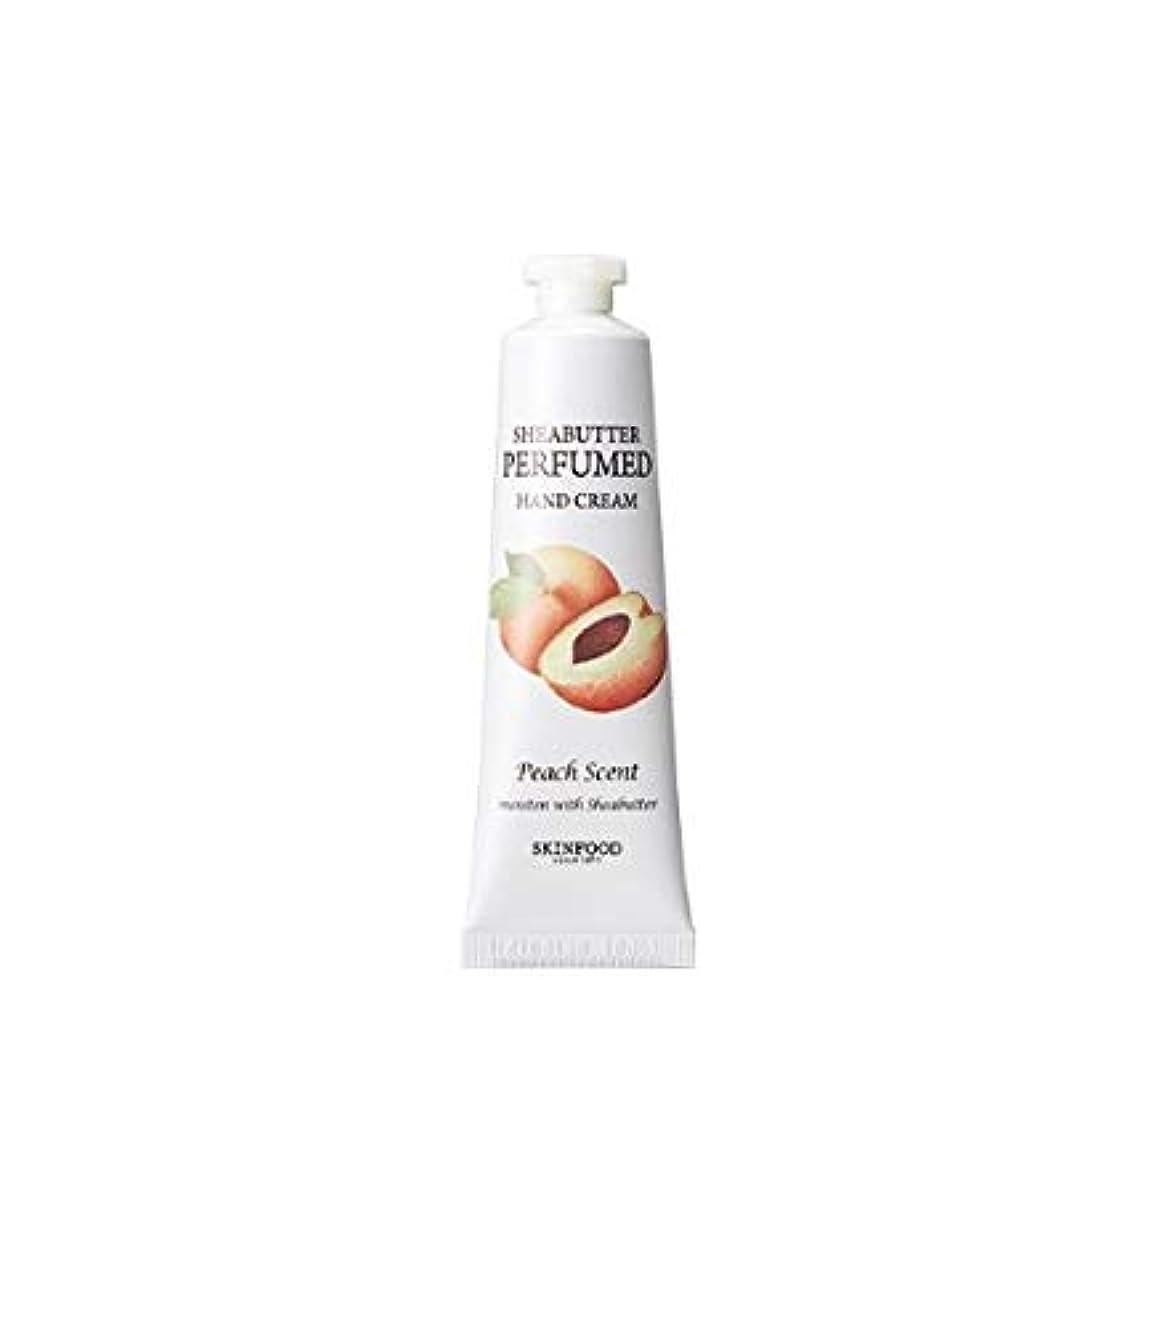 適合しました討論間欠Skinfood シアバター香水ハンドクリーム#ピッチ/Shea Butter Perfumed Hand Cream #Pitch 30ml [並行輸入品]